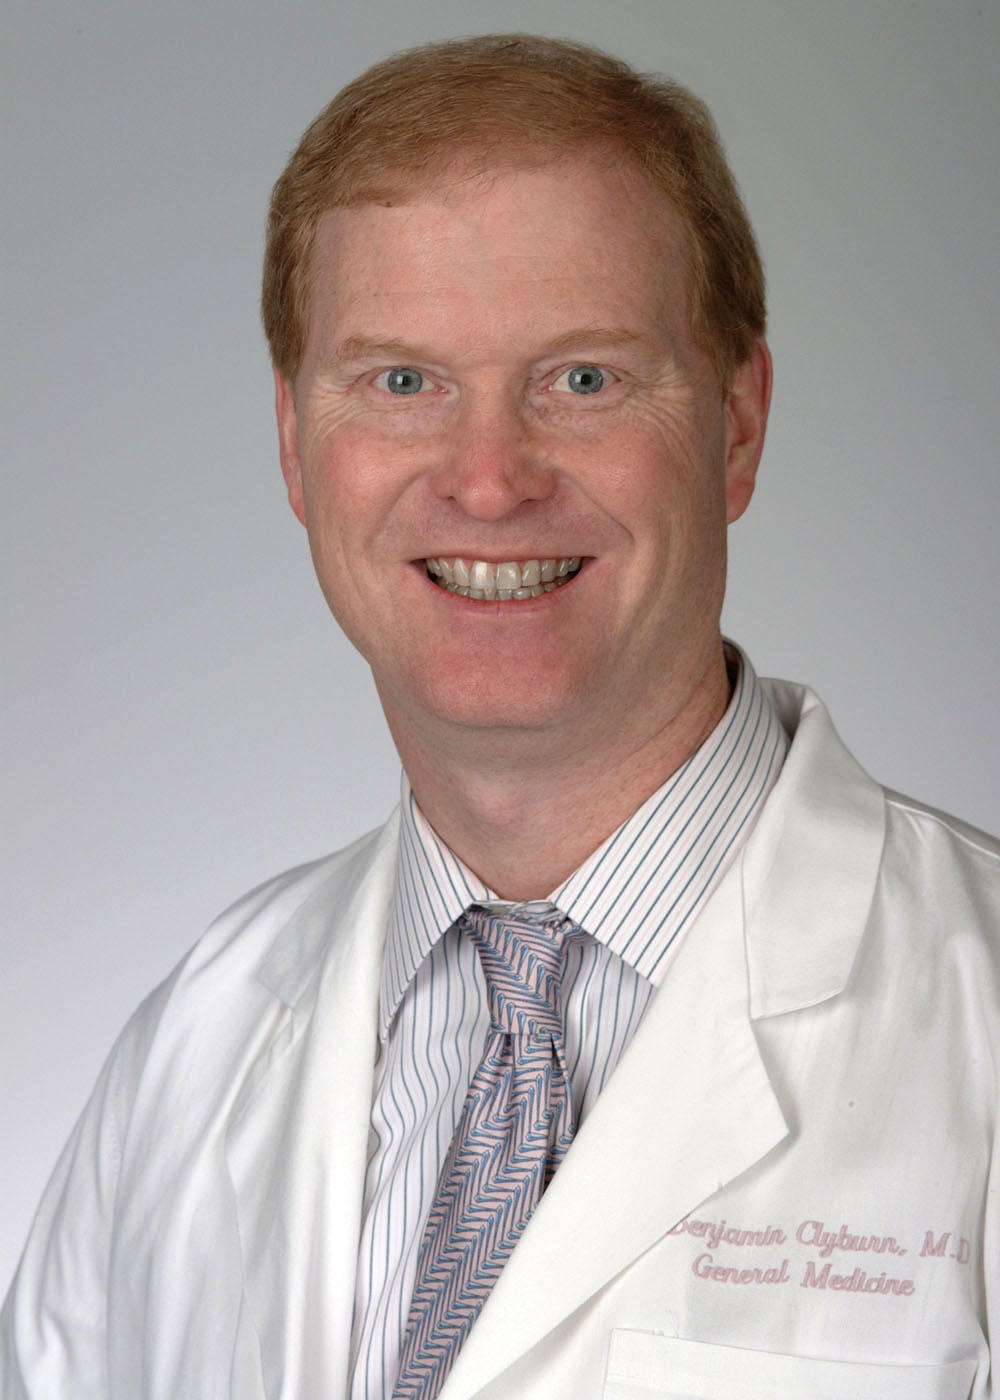 Ernest B Clyburn MD